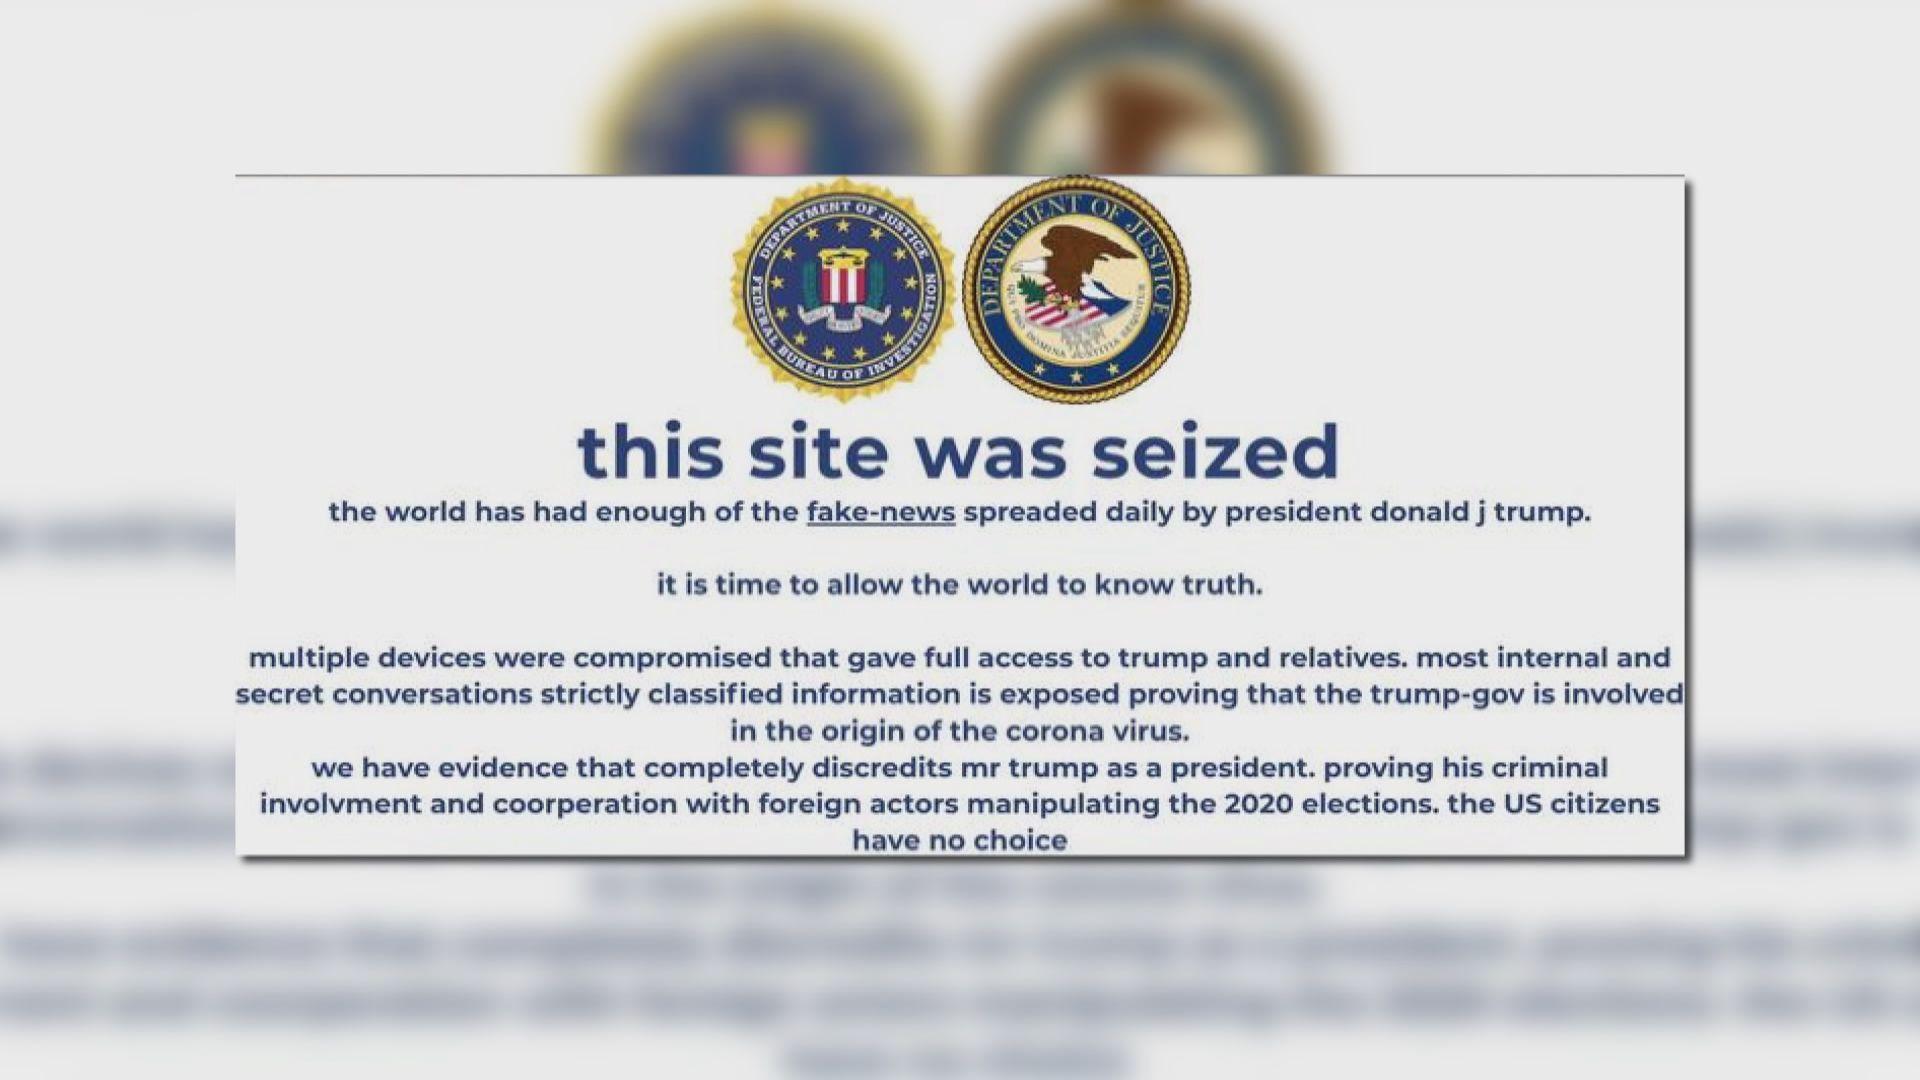 【環球薈報】donaldjtrump.com被黑客攻擊約半小時